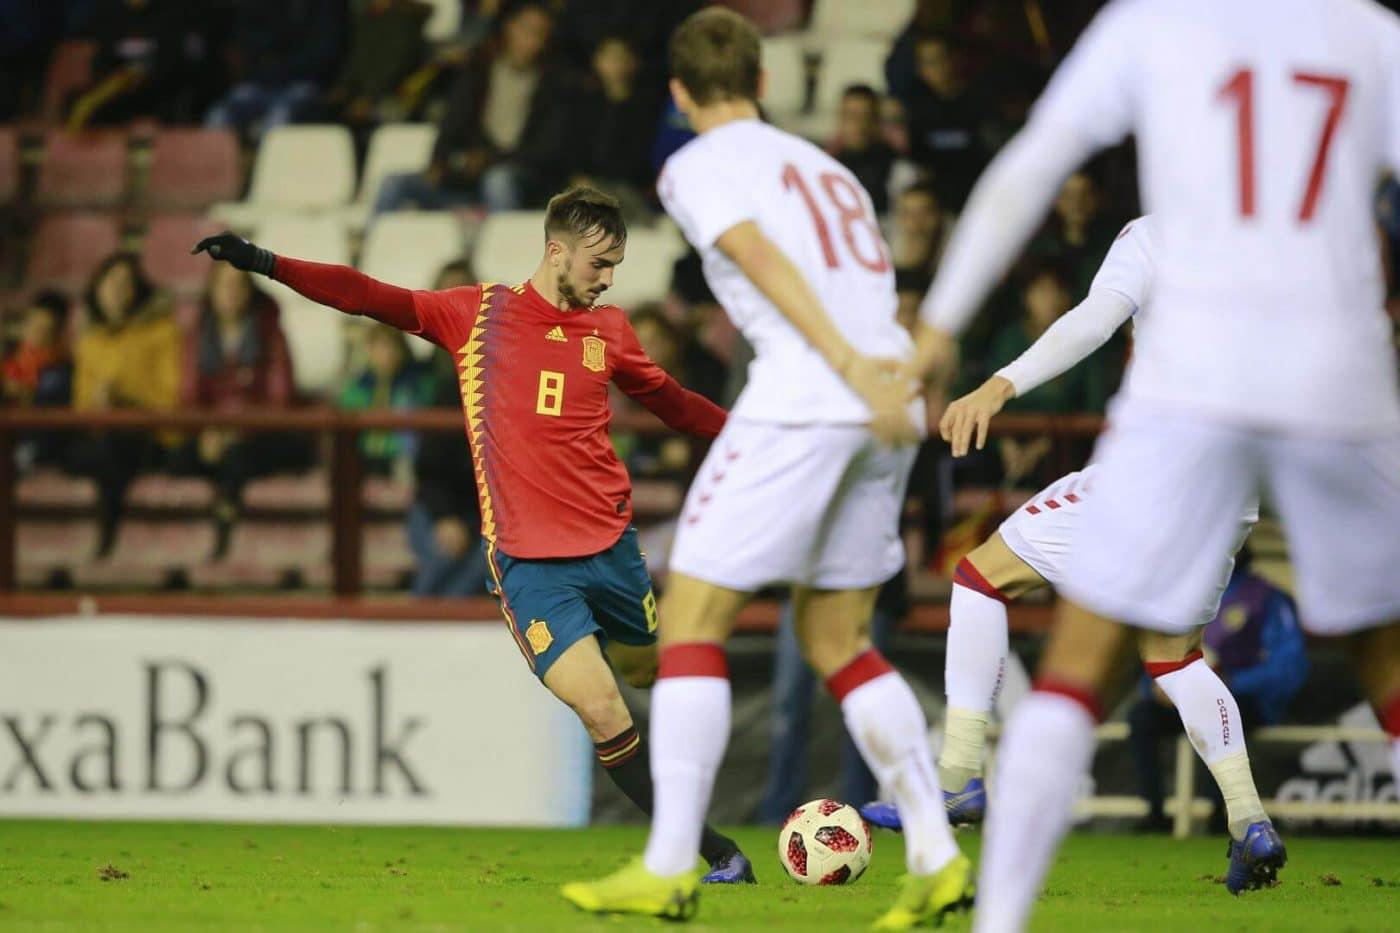 La Sub-21 de Luis de la Fuente remonta y golea en Las Gaunas 29